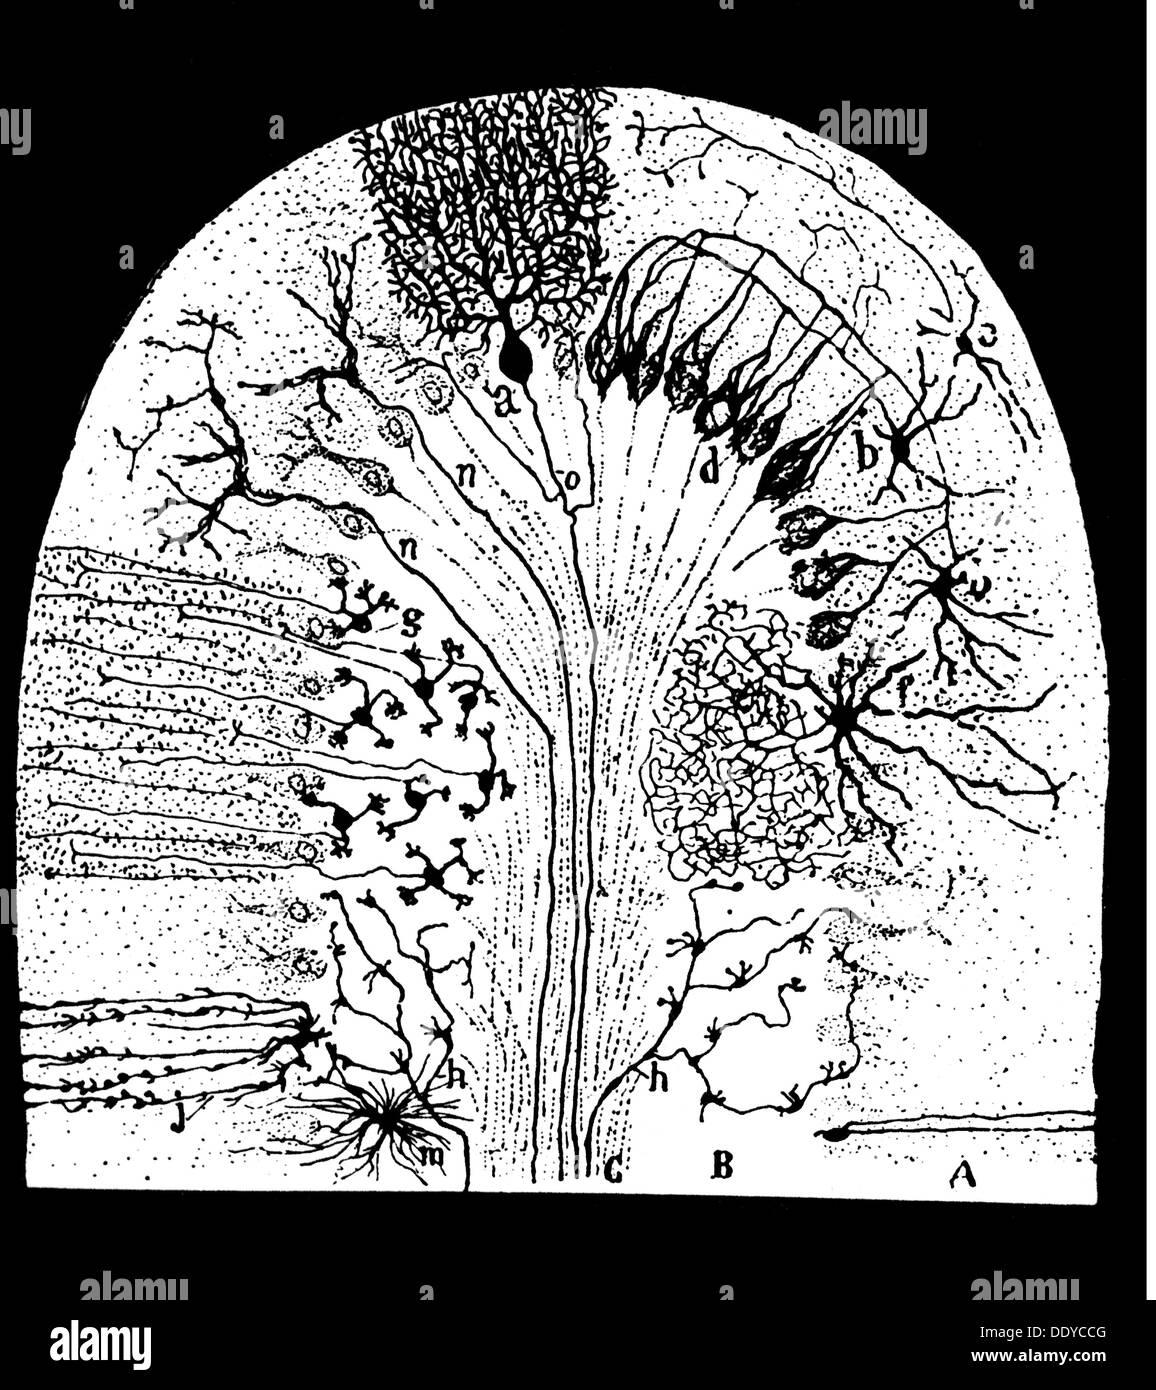 Anatomía medicina sección parasagittal de células nerviosas en el ...